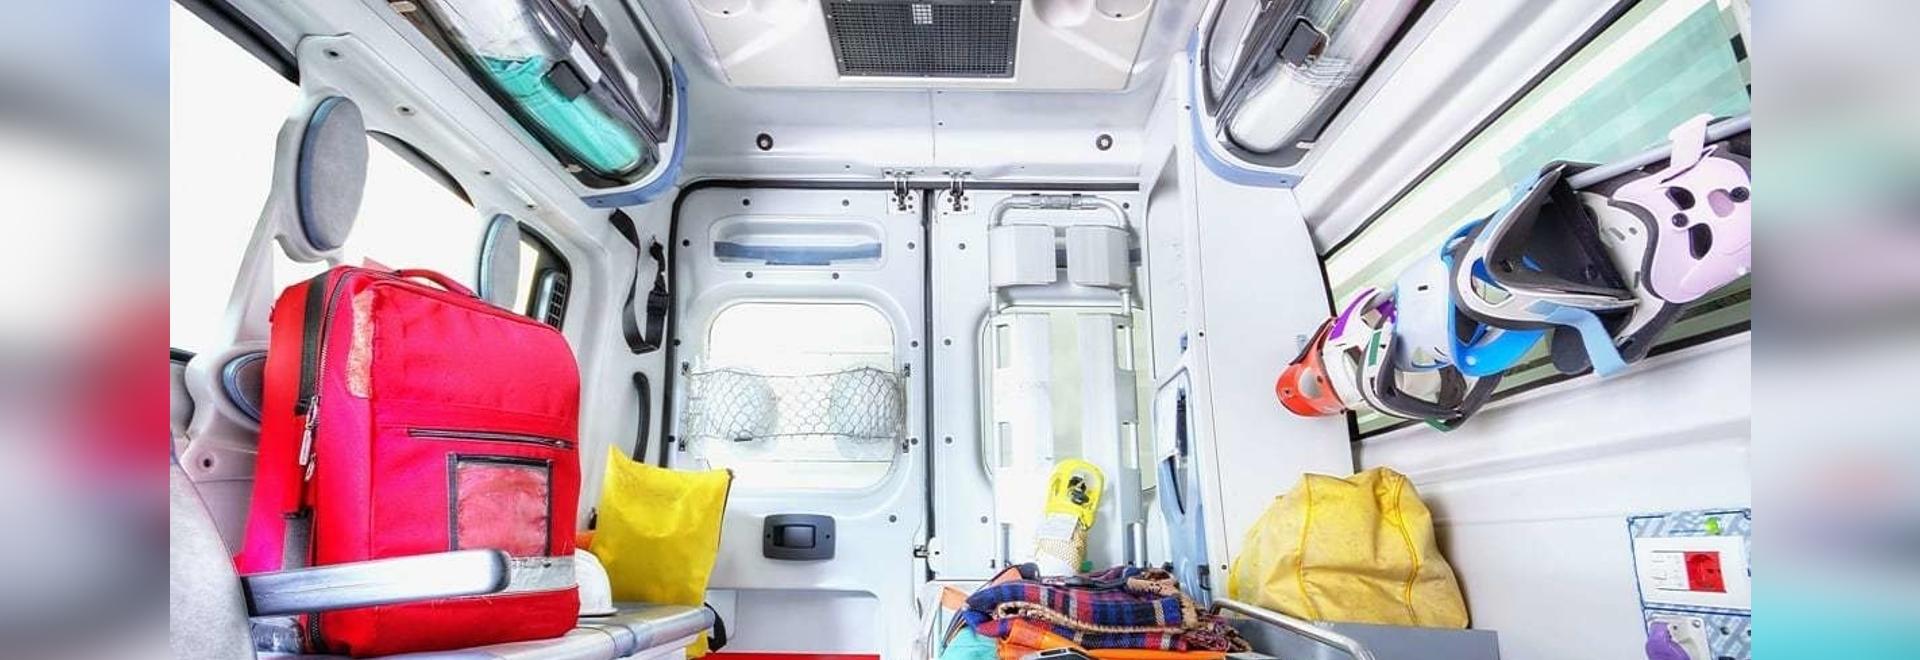 Experten analysieren den Luftstrom in modernen Krankenwagen, um die mögliche Exposition des Personals gegenüber Covid-19-Aerosolen in ihren Fahrzeugen zu verringern.